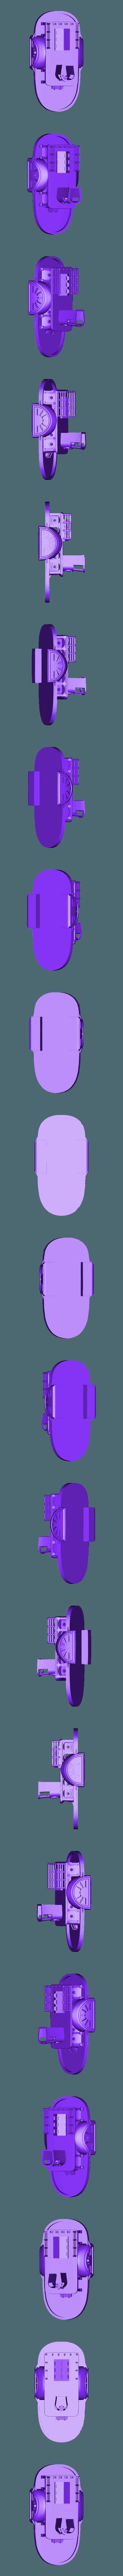 weiss.stl Télécharger fichier STL gratuit Ancien bateau à vapeur à roue à aubes avec présentoir (banc visuel) • Design pour imprimante 3D, vandragon_de